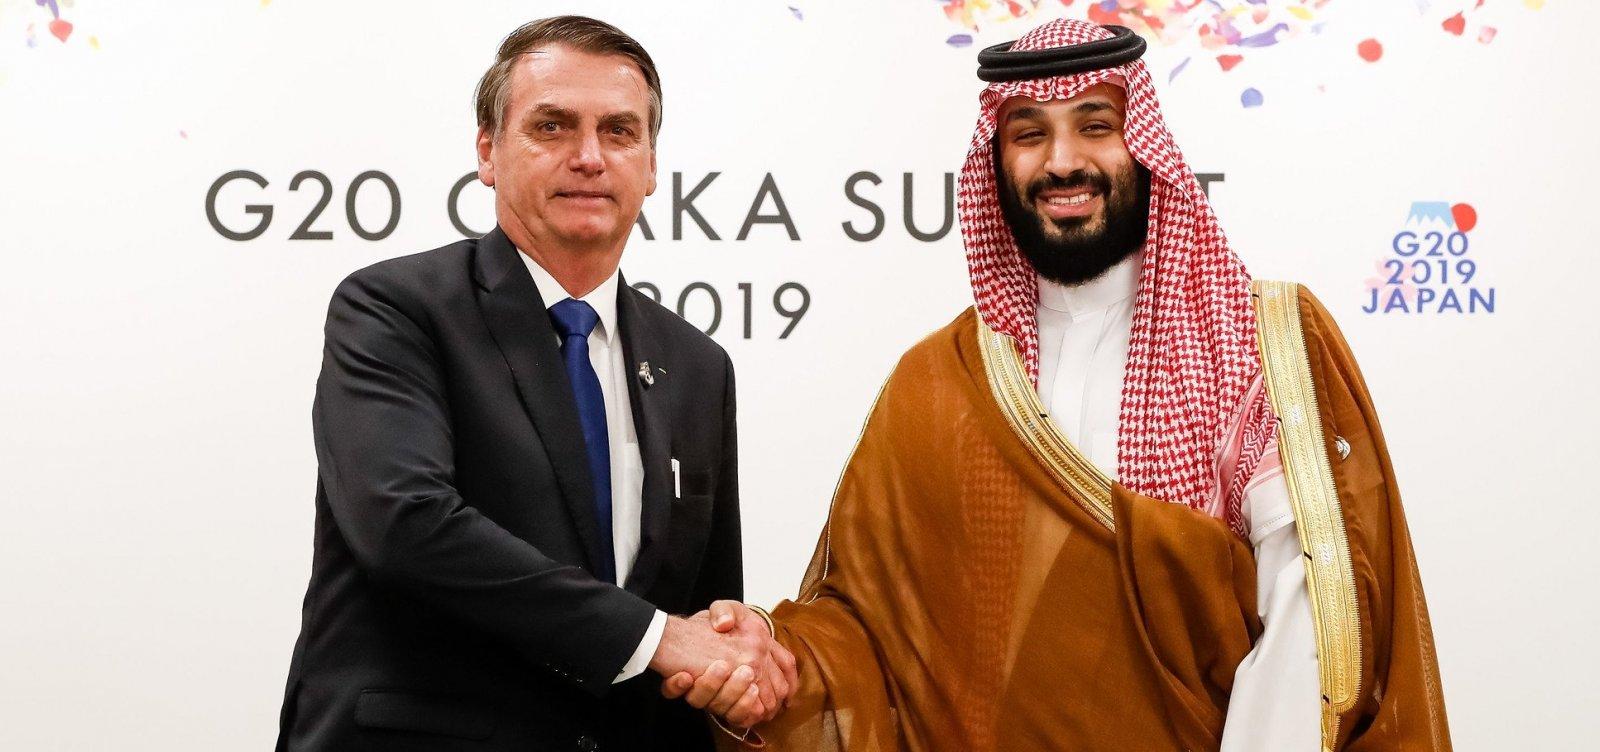 Bolsonaro diz ter 'afinidade' com príncipe saudita e recomenda encontro a mulheres